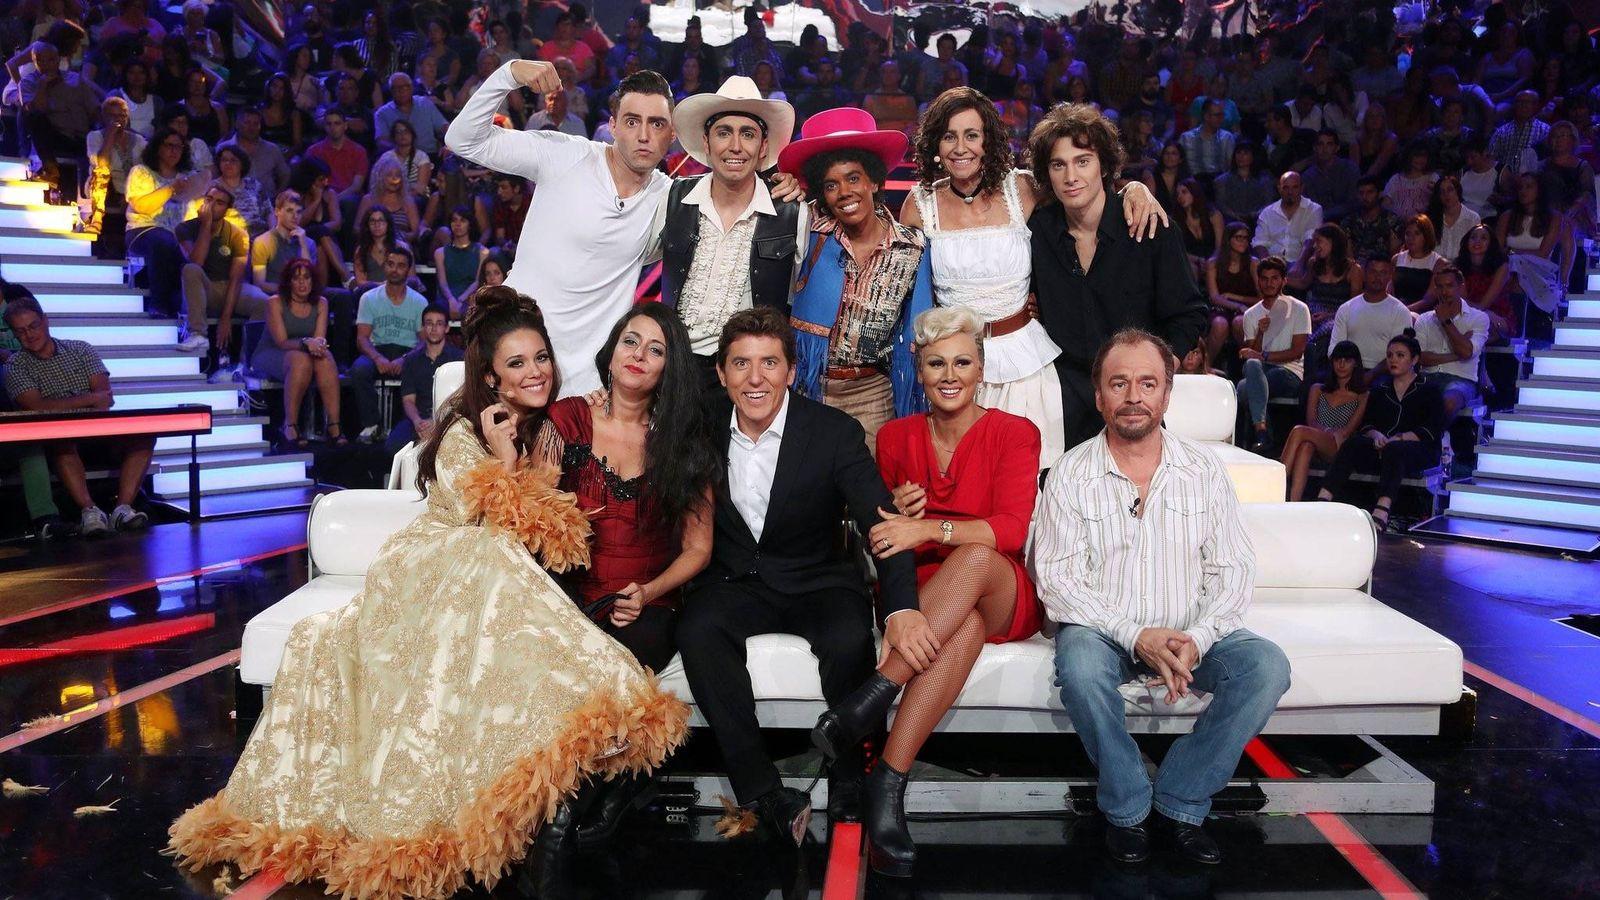 Foto: Concursantes de la quinta edición de 'Tu cara me suena' (José Irún)